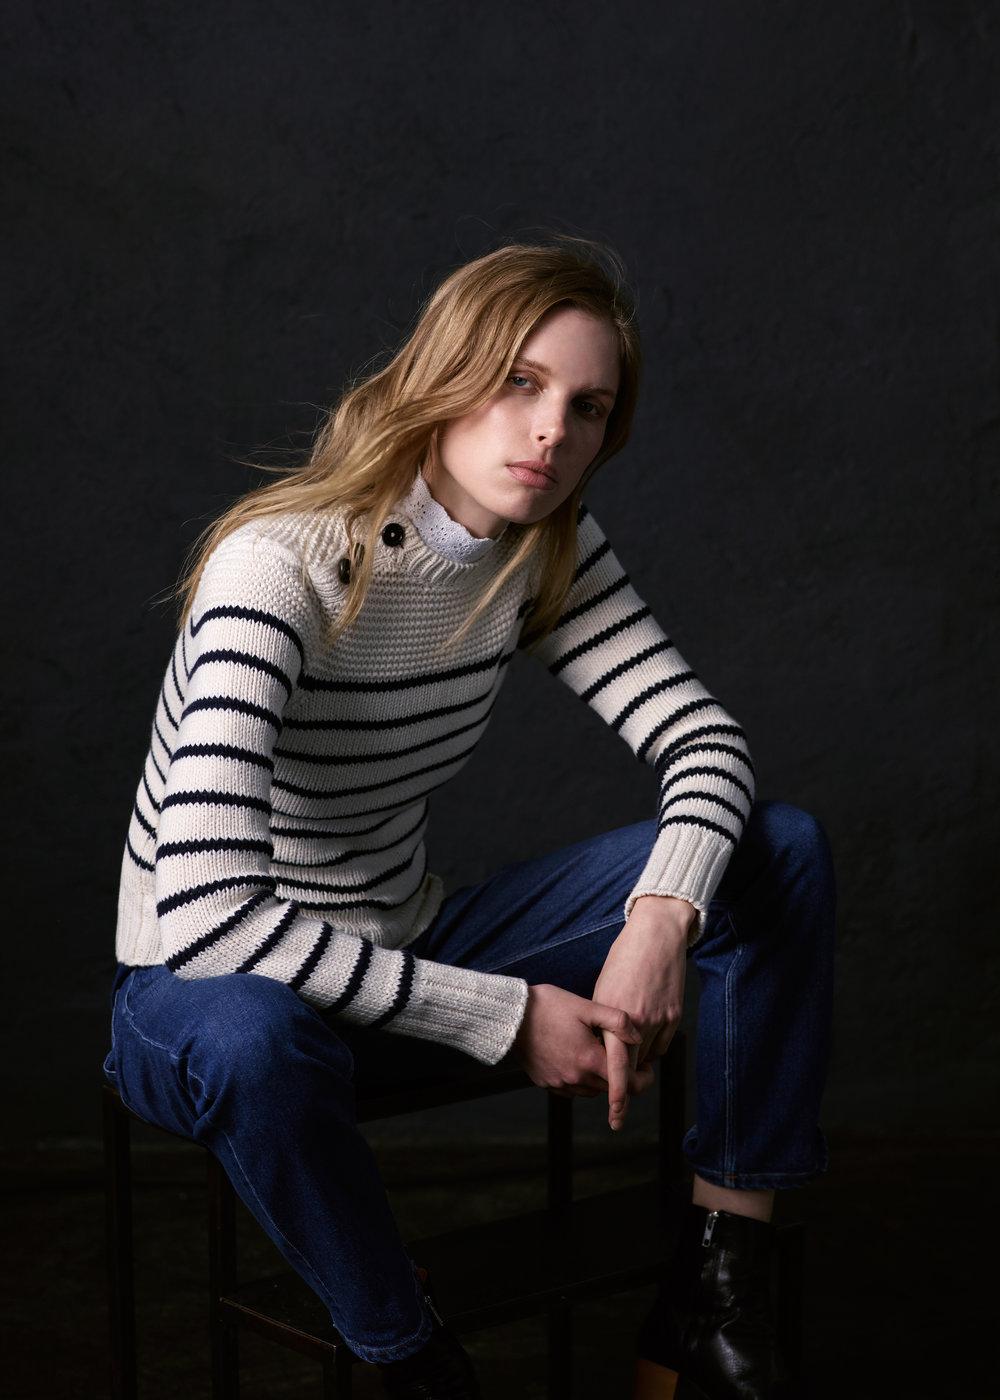 Rebecca Taylor La Vie Cotton Stripe Pullover, $295, at RebeccaTaylor.com